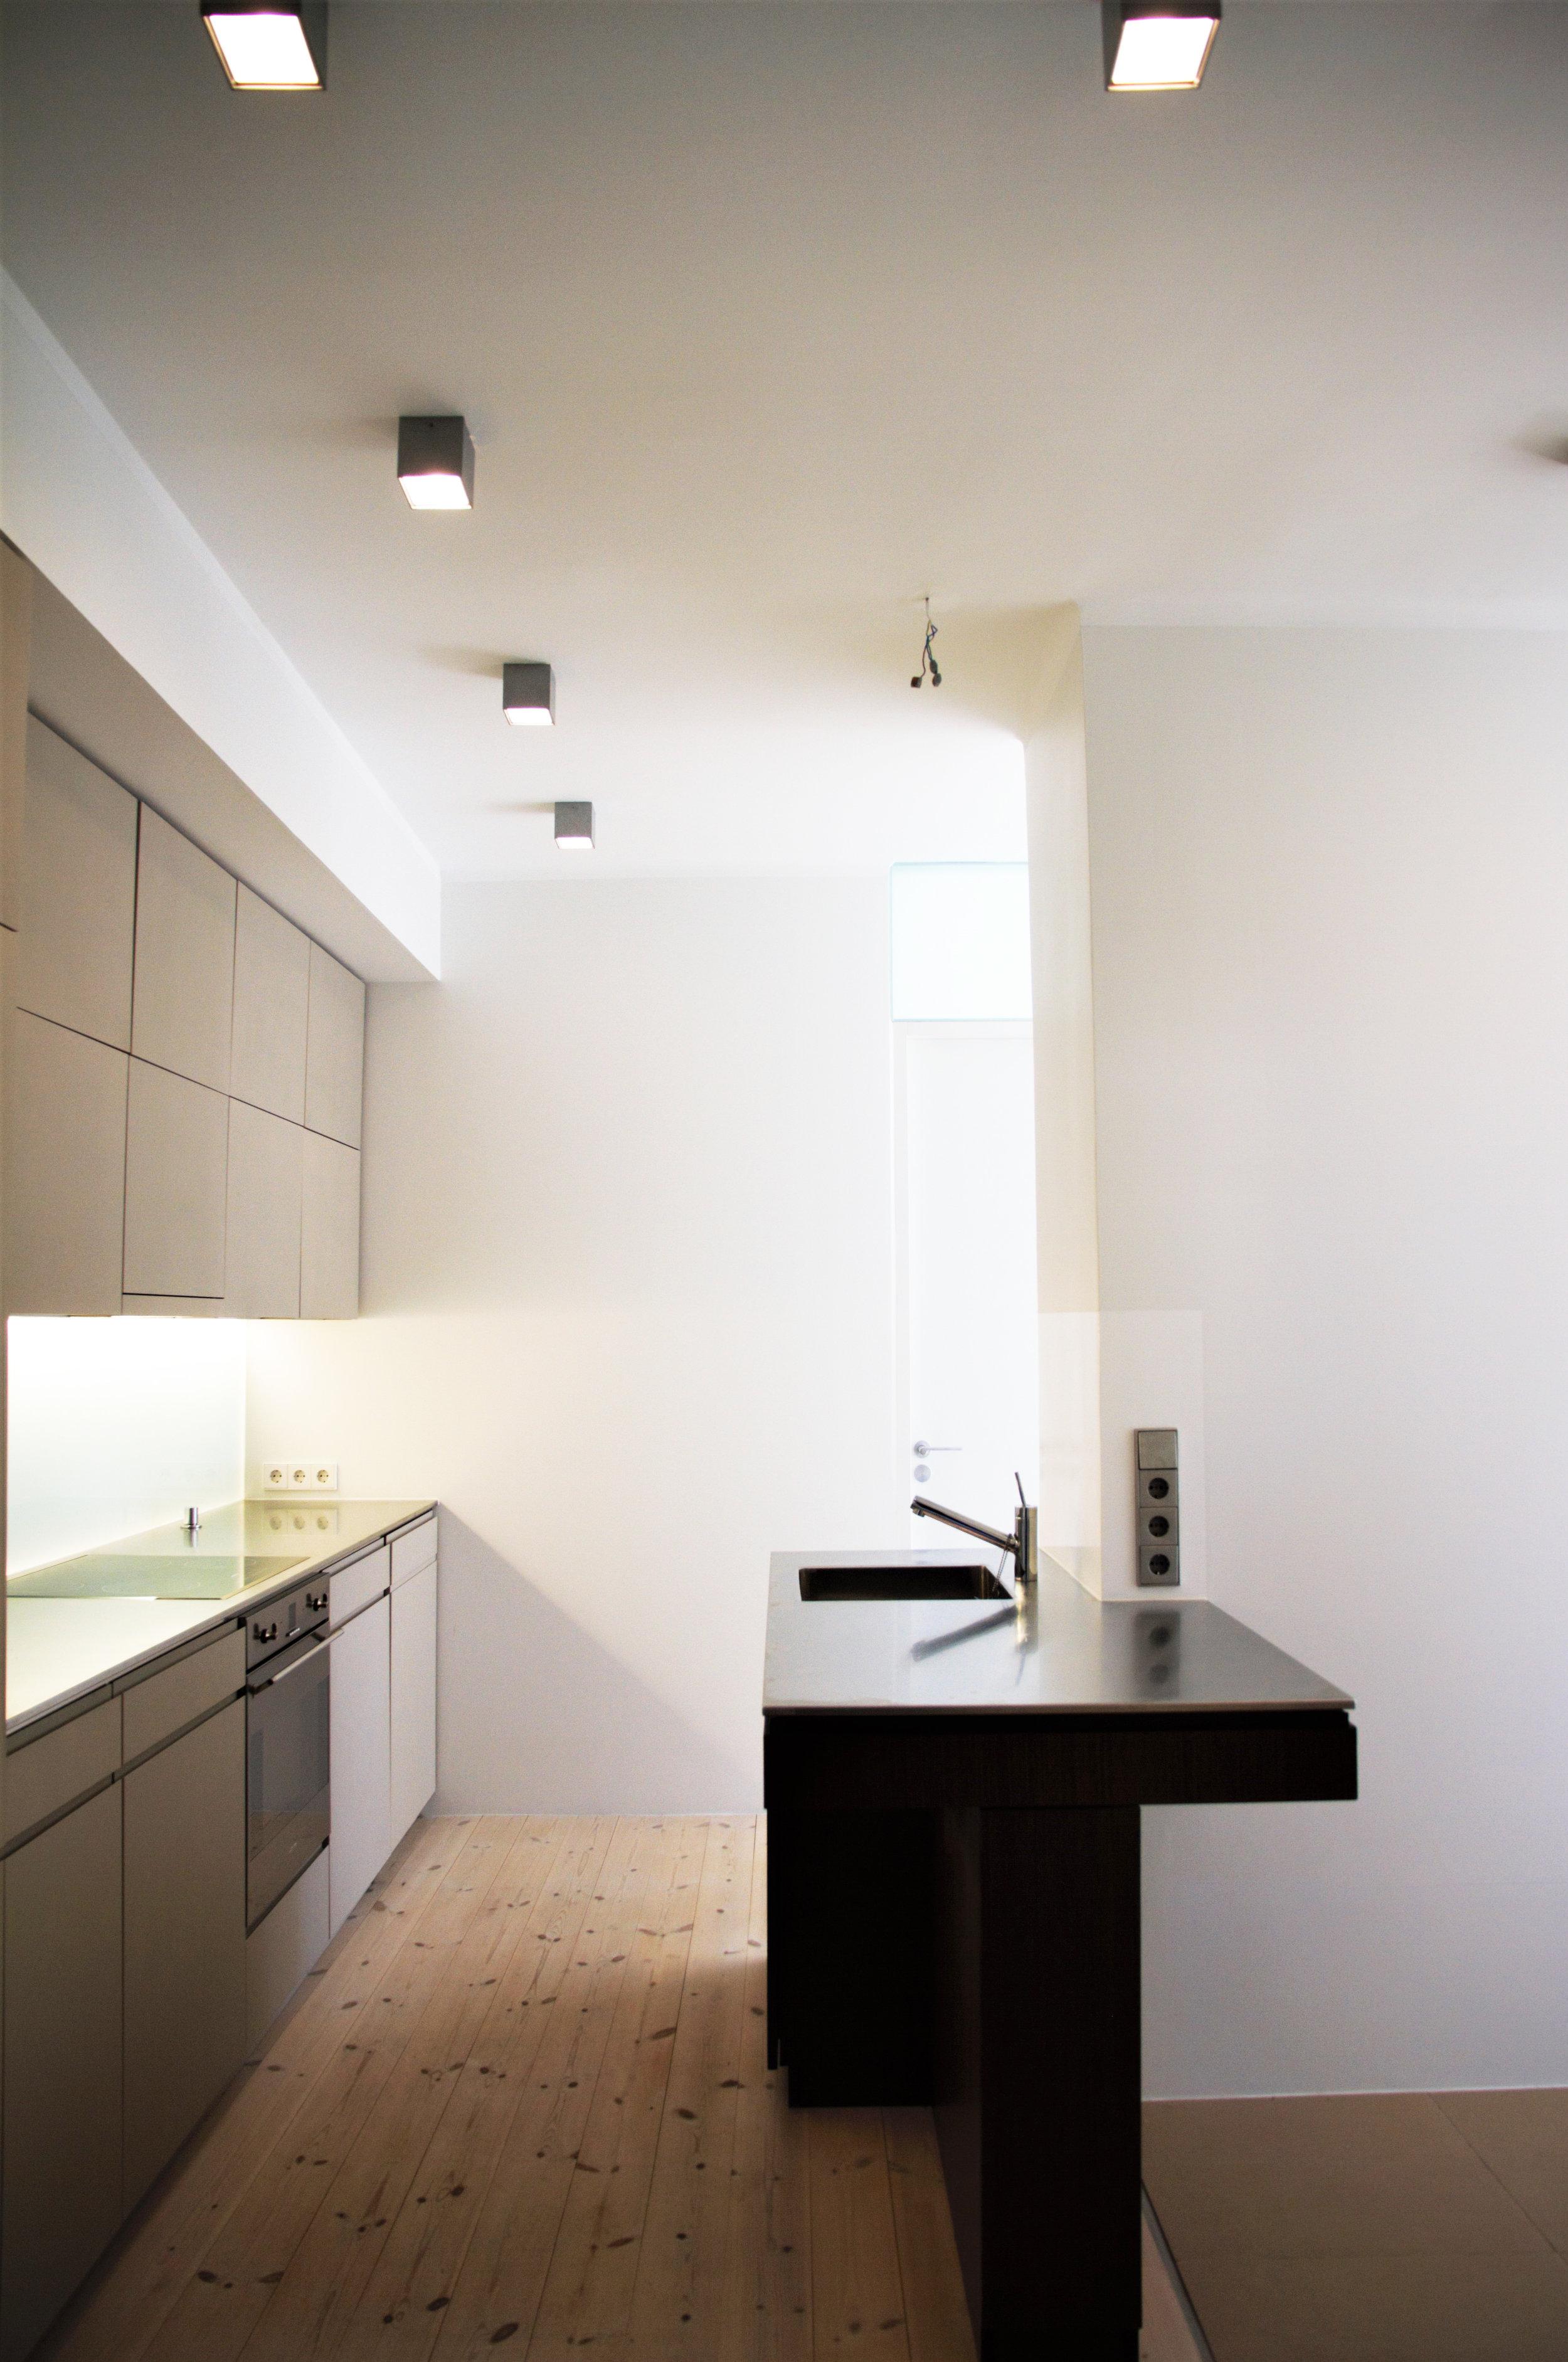 Harjukatu 6 - asunnot ja pienkohteet